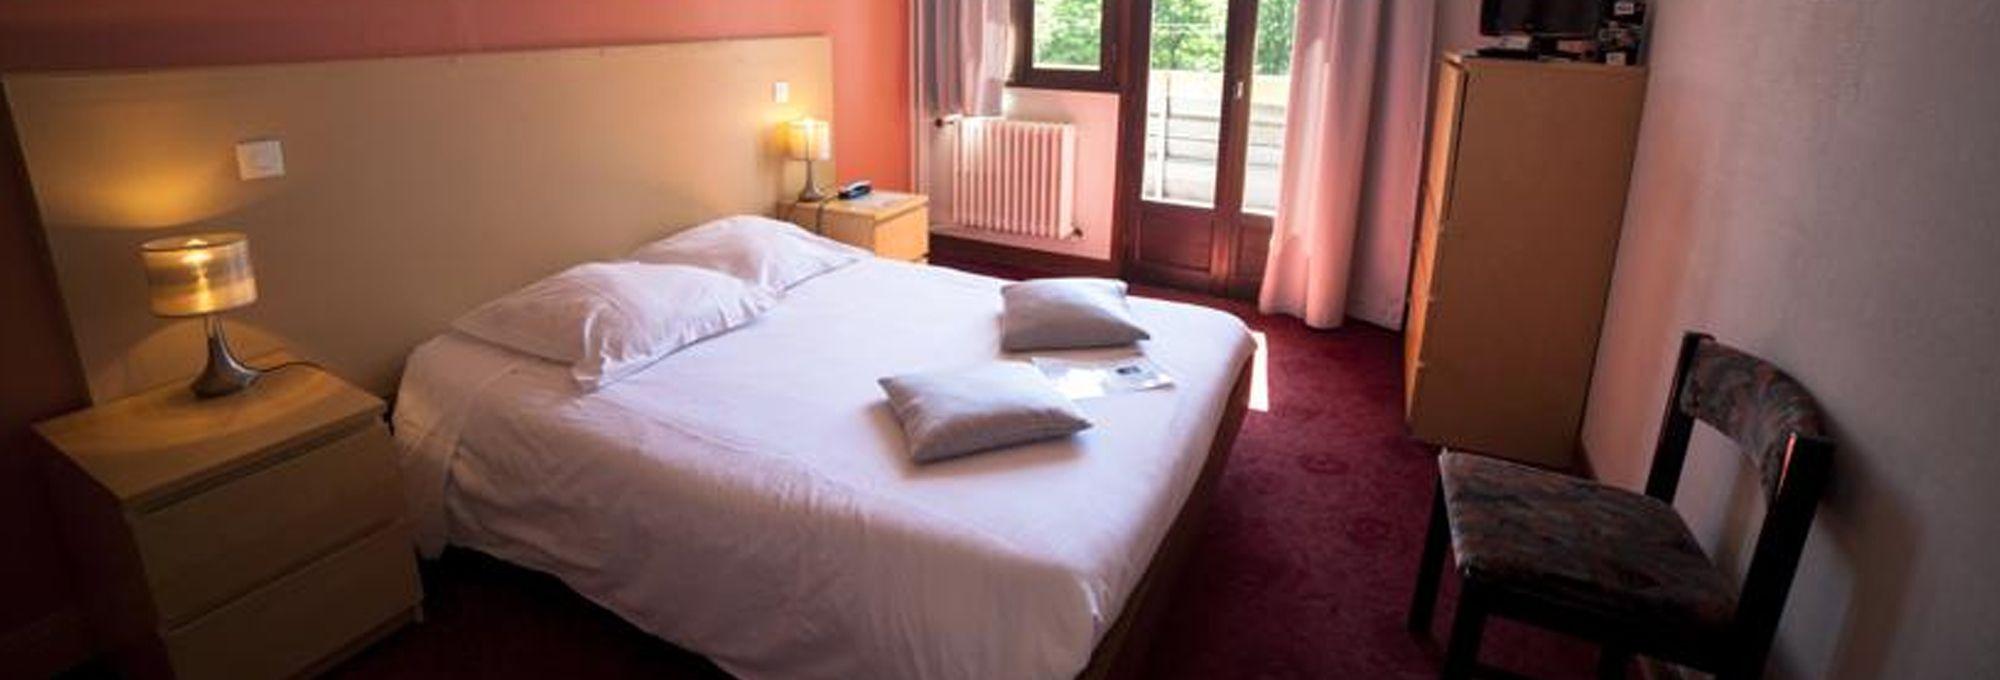 Brit Hotel Les Mouflons - Besse-Saint-Anastaise